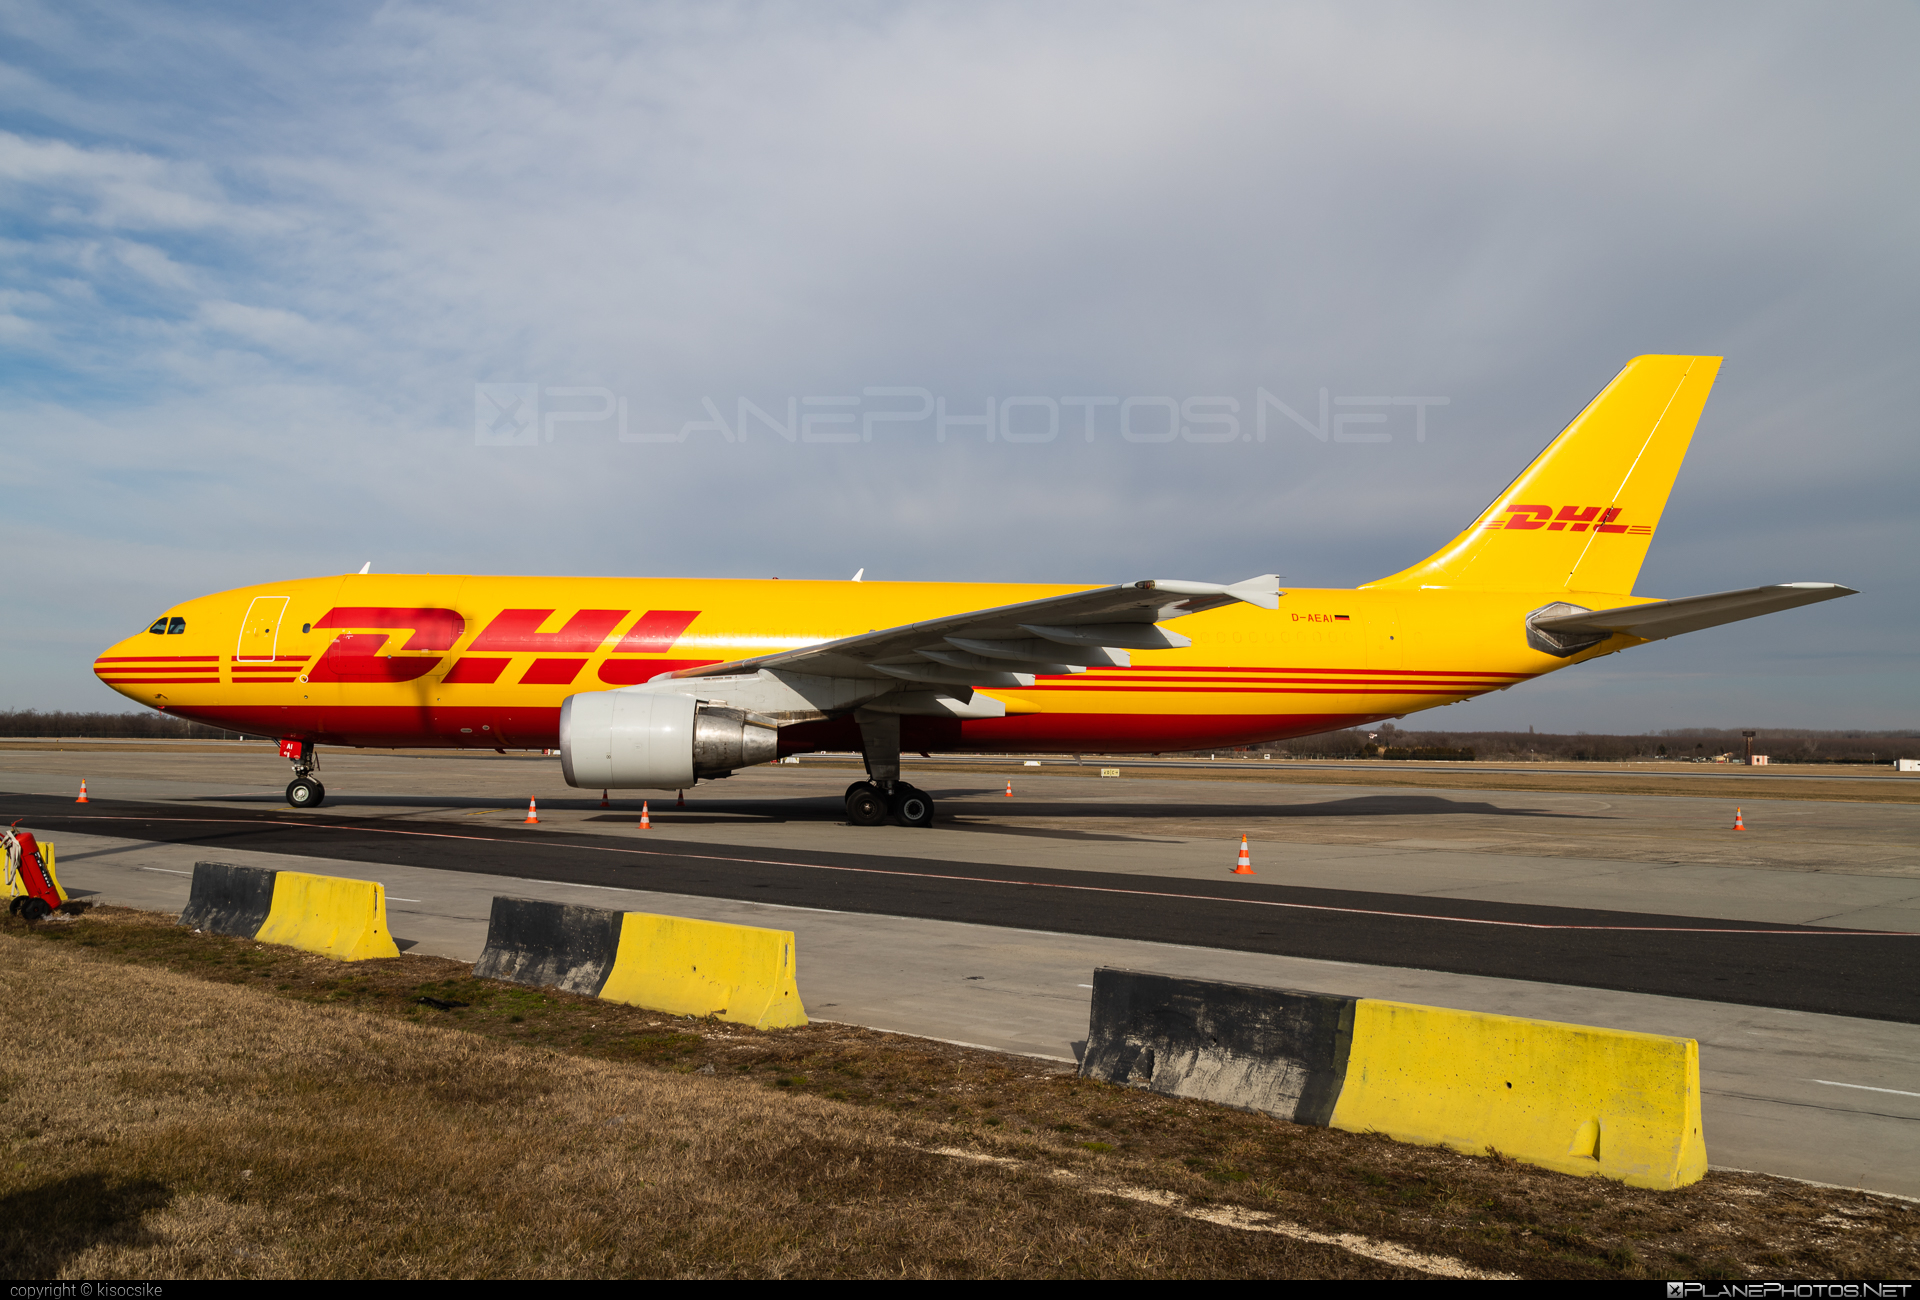 Airbus A300B4-622RF - D-AEAI operated by DHL (European Air Transport) #a300 #airbus